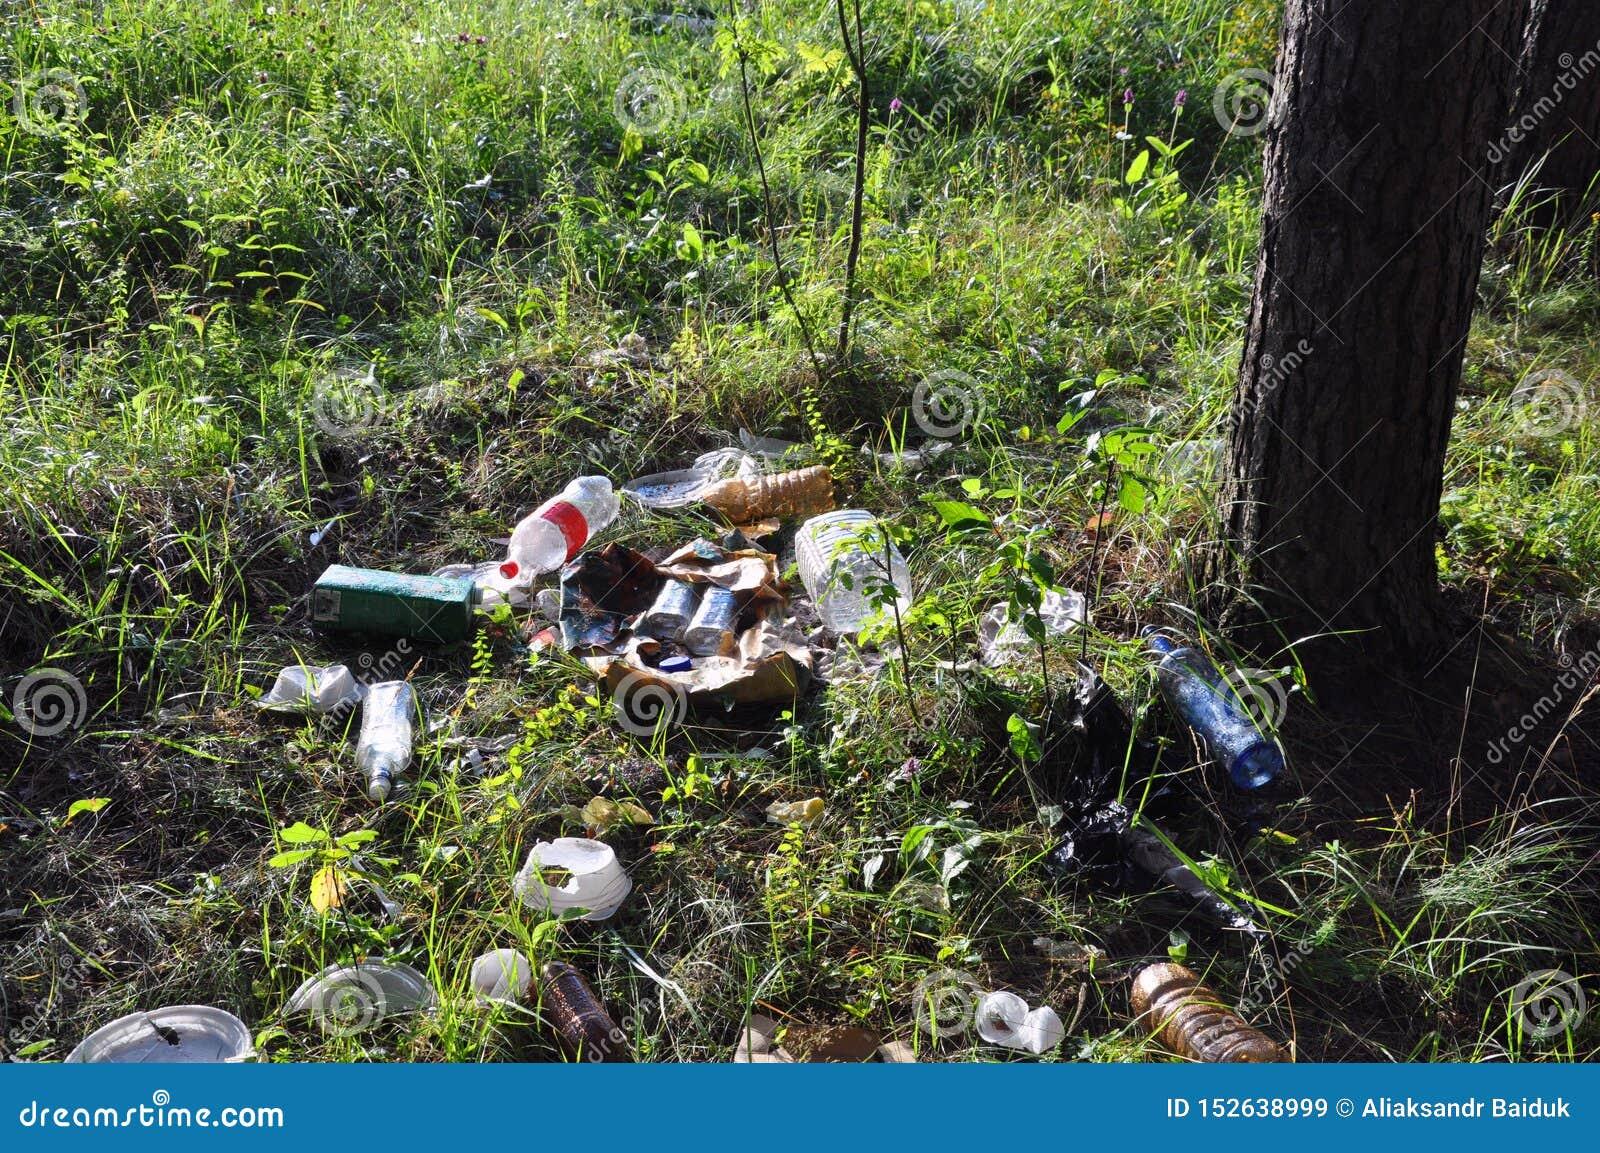 Lixo no lixo ilegalmente jogado dos povos da floresta na floresta